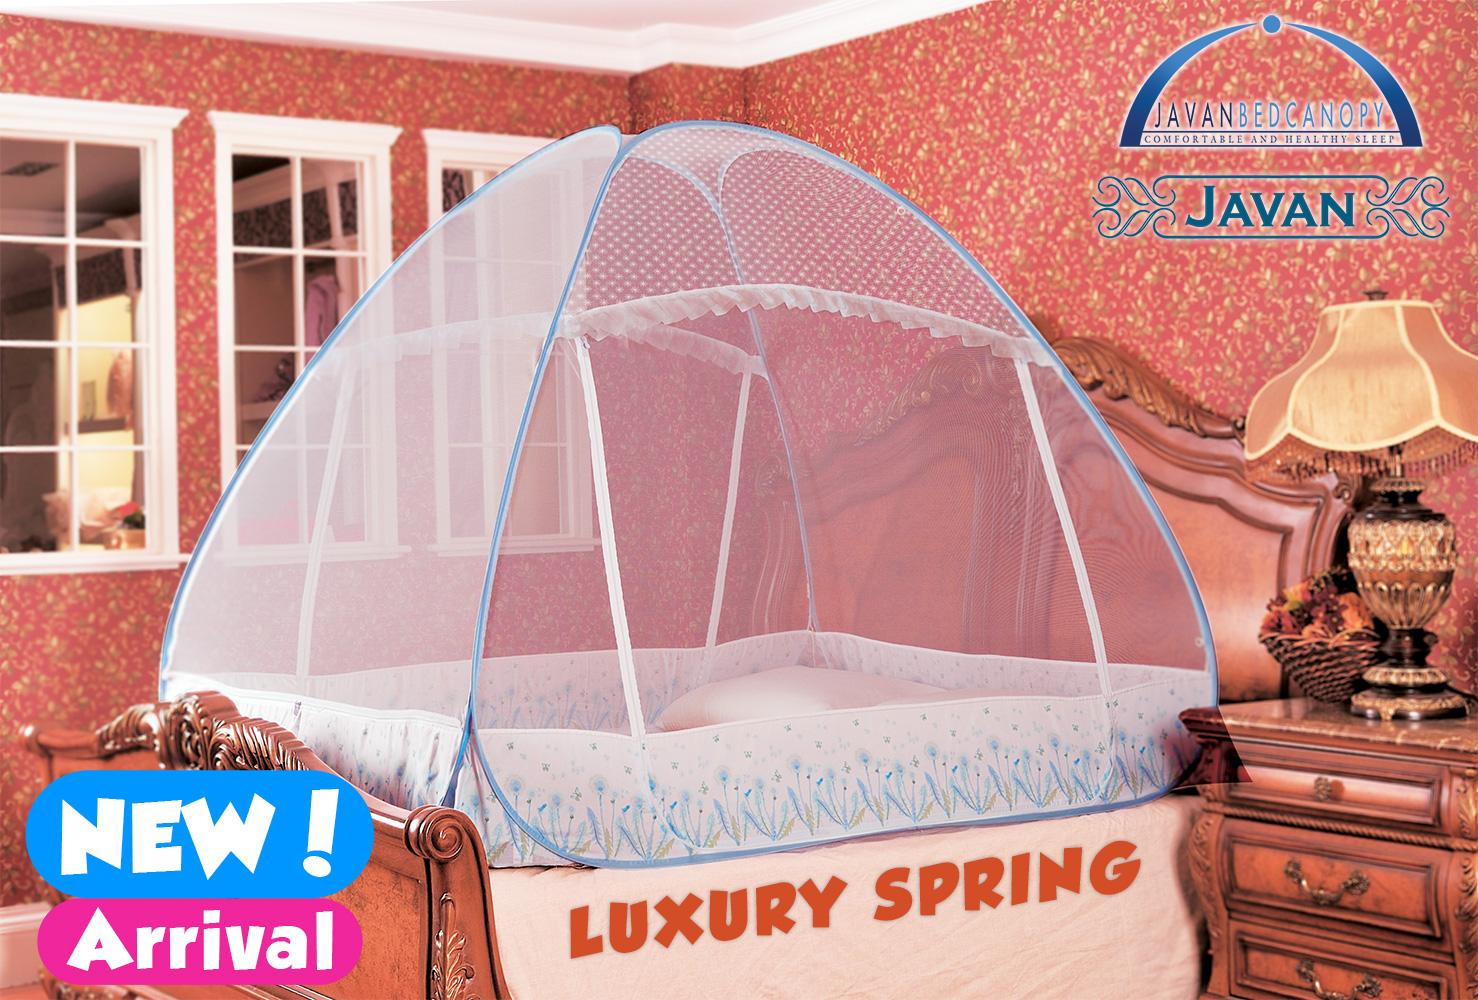 - DAFFA BABY SHOP: Javan Bed Canopy, Javan Pillow, Javan Bed Shield